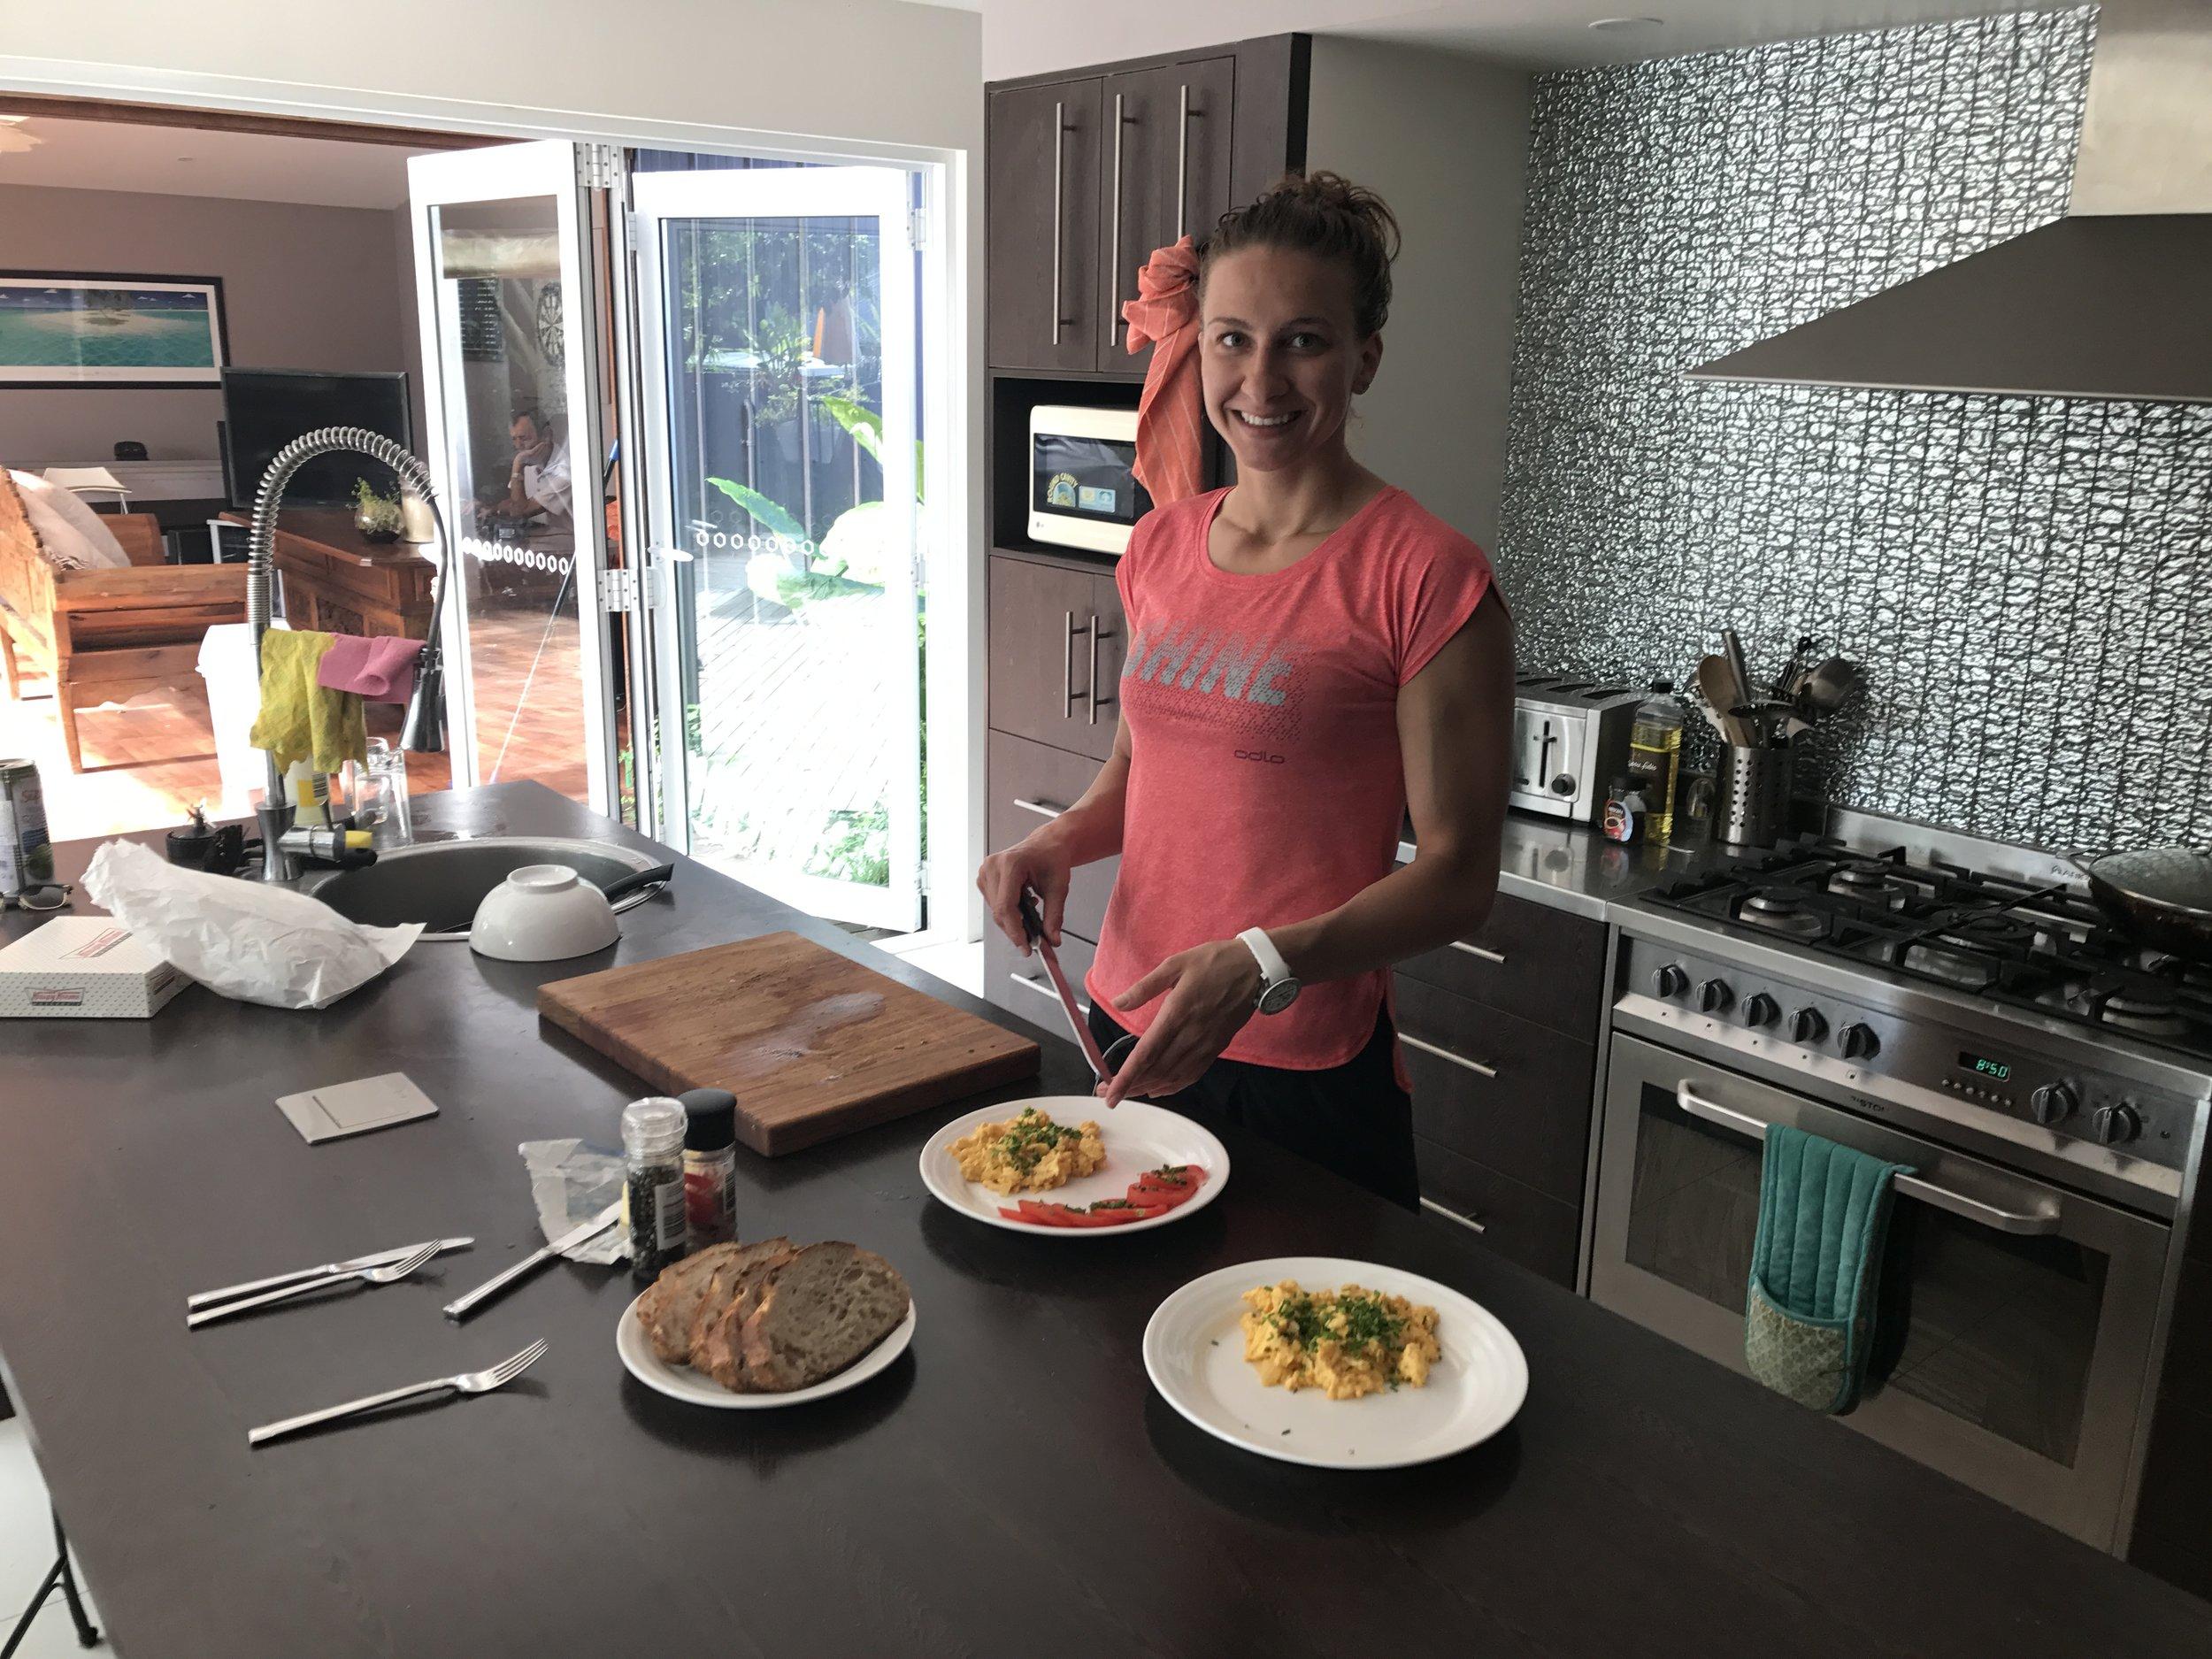 Miluju kuchyň v domě! :) ..aneb já při přípravě potréninkové snídaně.